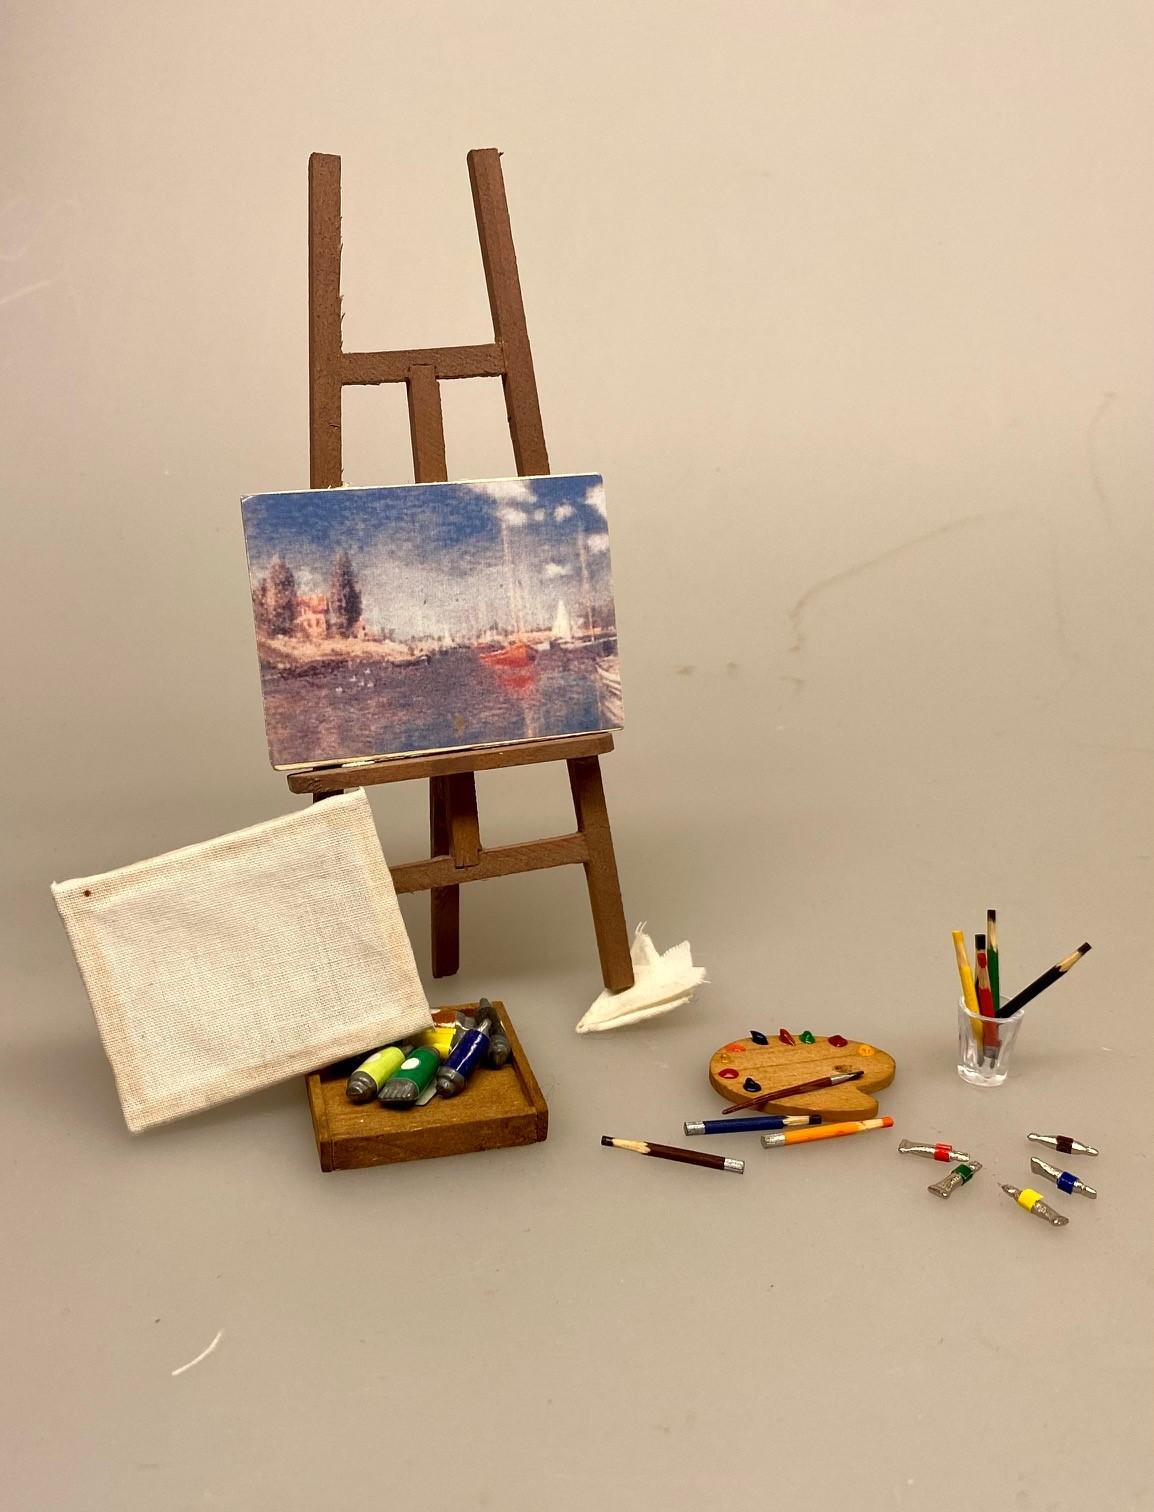 Miniature Malertuber, kunstmaler, maling, oliemaleri, oliefarver, miniature, mini, maleri, maler, sangskjuler, kunst, gavekort, symbolsk, sætterkasse, sættekasse, dukkehus, dukkestue, ting, til, tilbehør, nisser, nisse, 1:12, farver, kreativ,